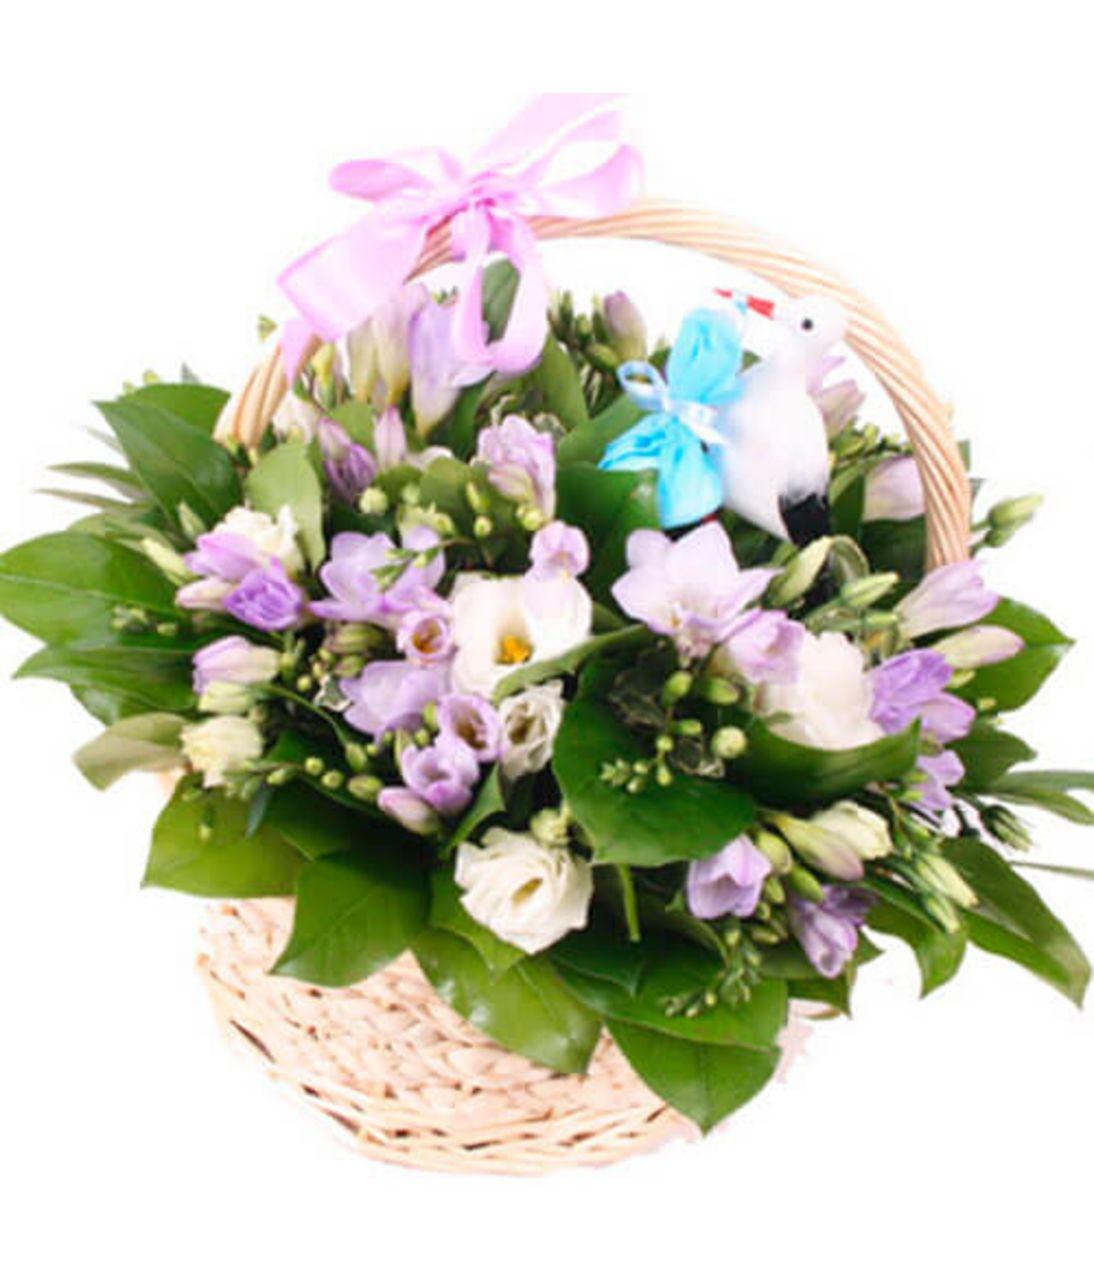 Кошик з фрезій. Superflowers.com.ua